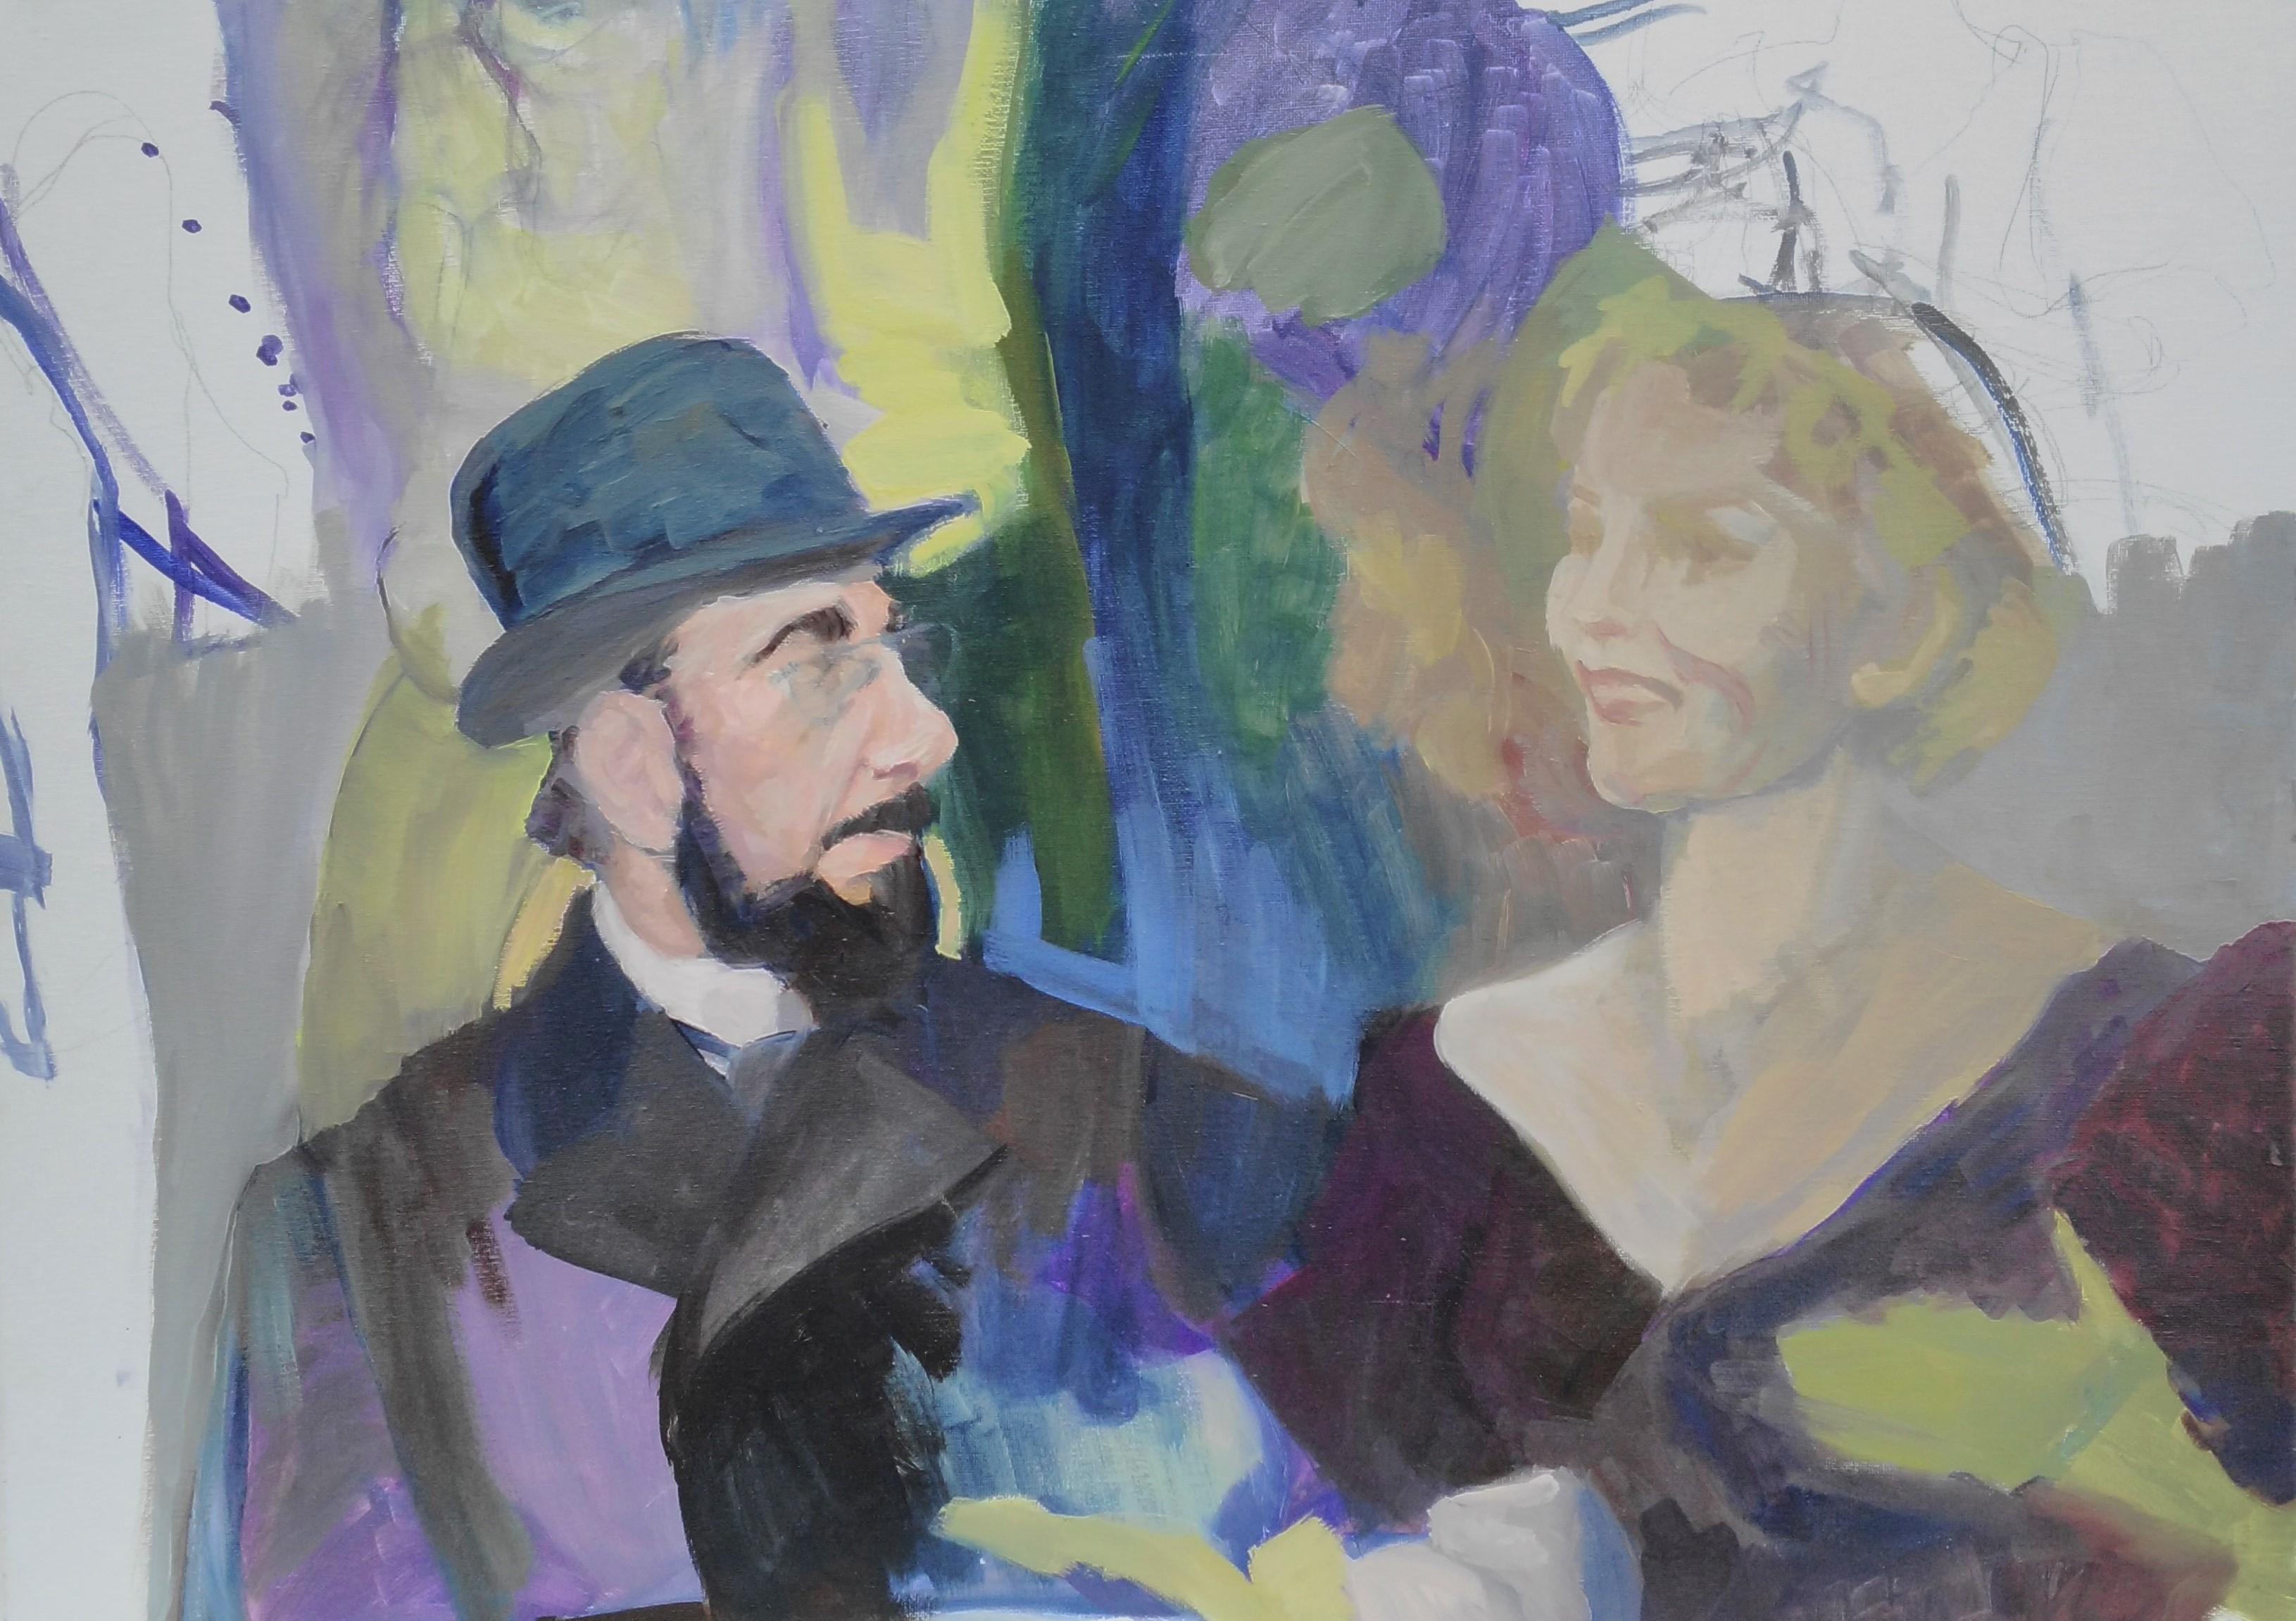 Óleo de un hombre con sombrero y una mujer